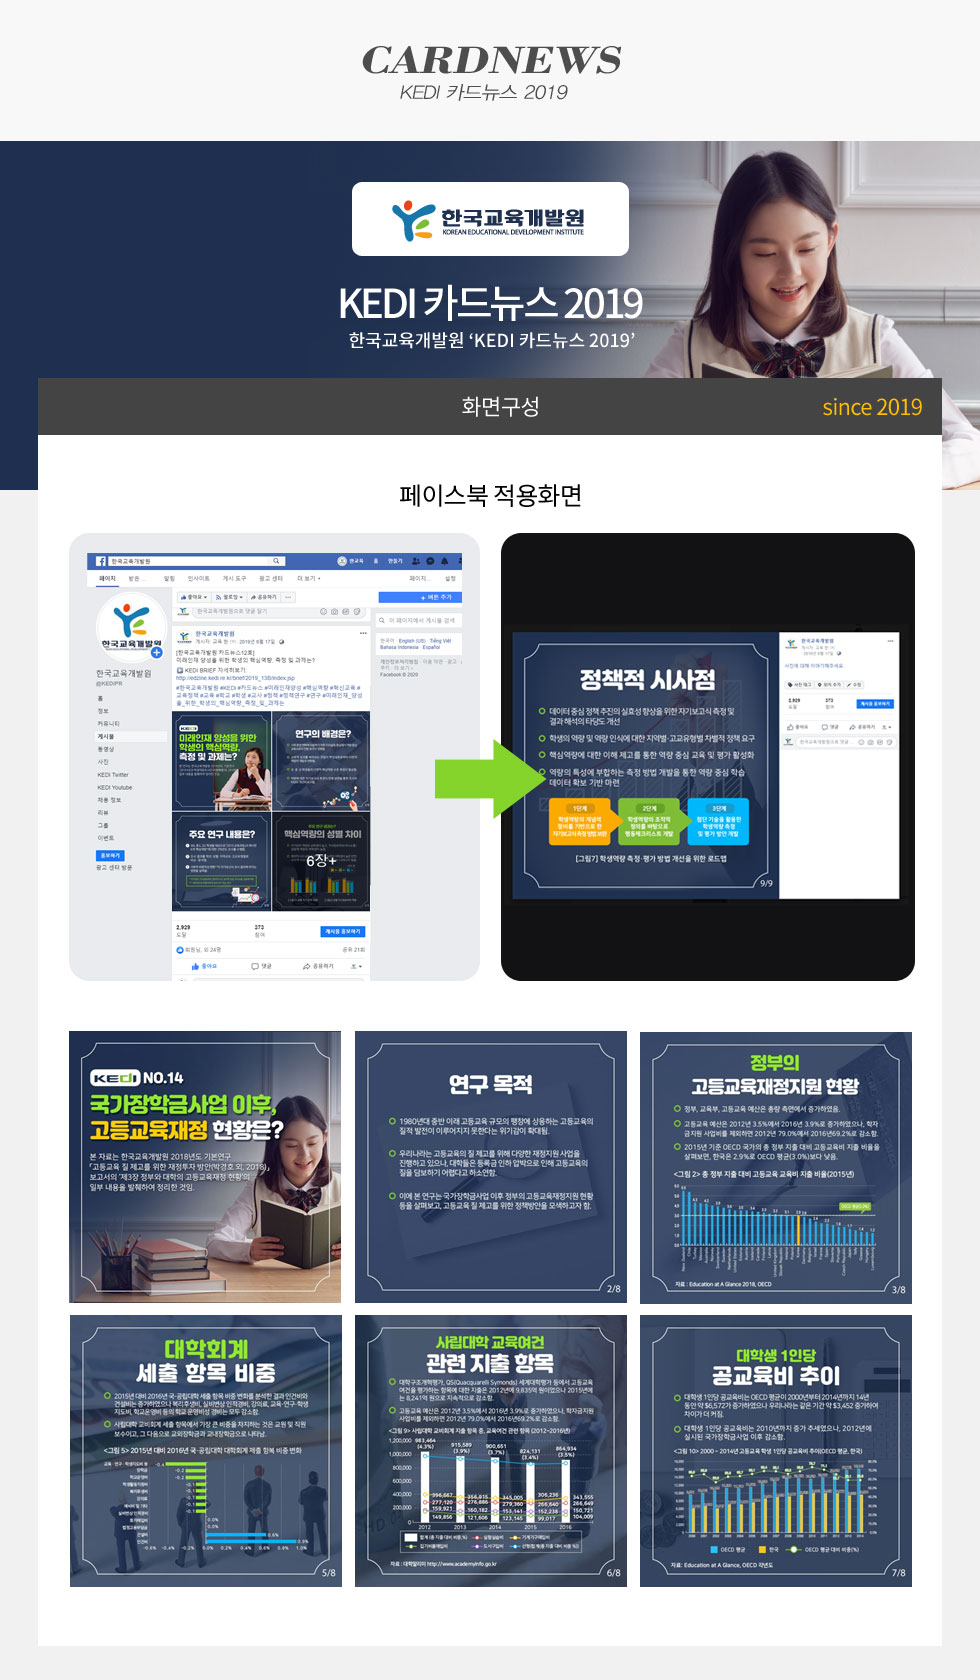 [디자인펌킨 | KEDI 카드뉴스 2019] 카드뉴스/한국교육개발원/KEDI카드뉴스/KEDI/카드/페이스북/소셜/인스타그램/SNS | 포트폴리오 상세이미지